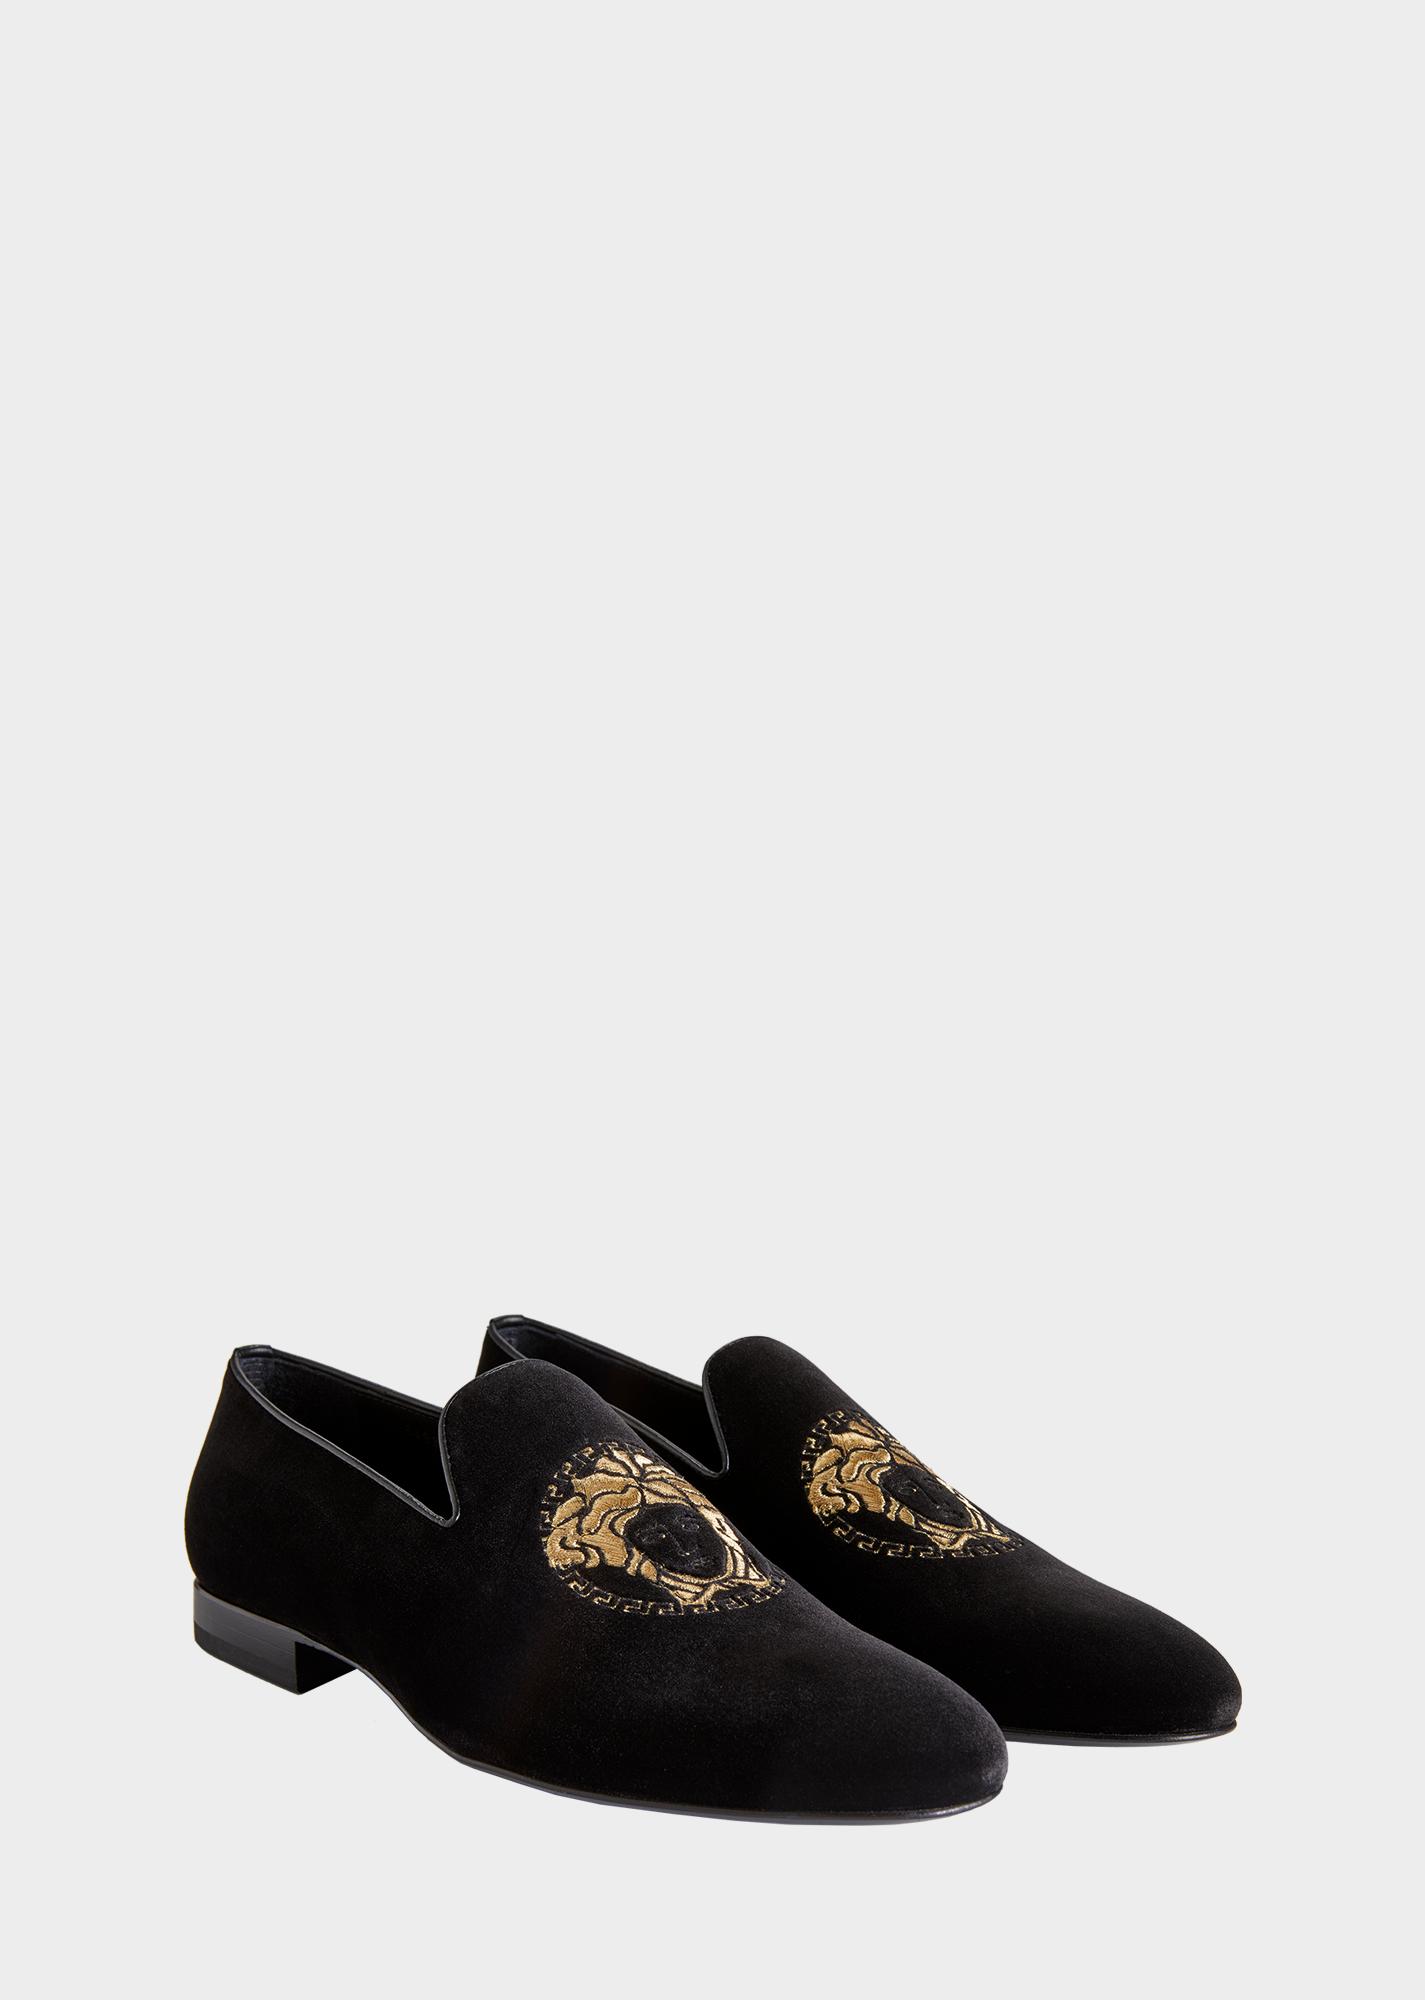 27fa685bb24 Medusa Head Velvet Slippers - Black Gold Moccasins   Loafers